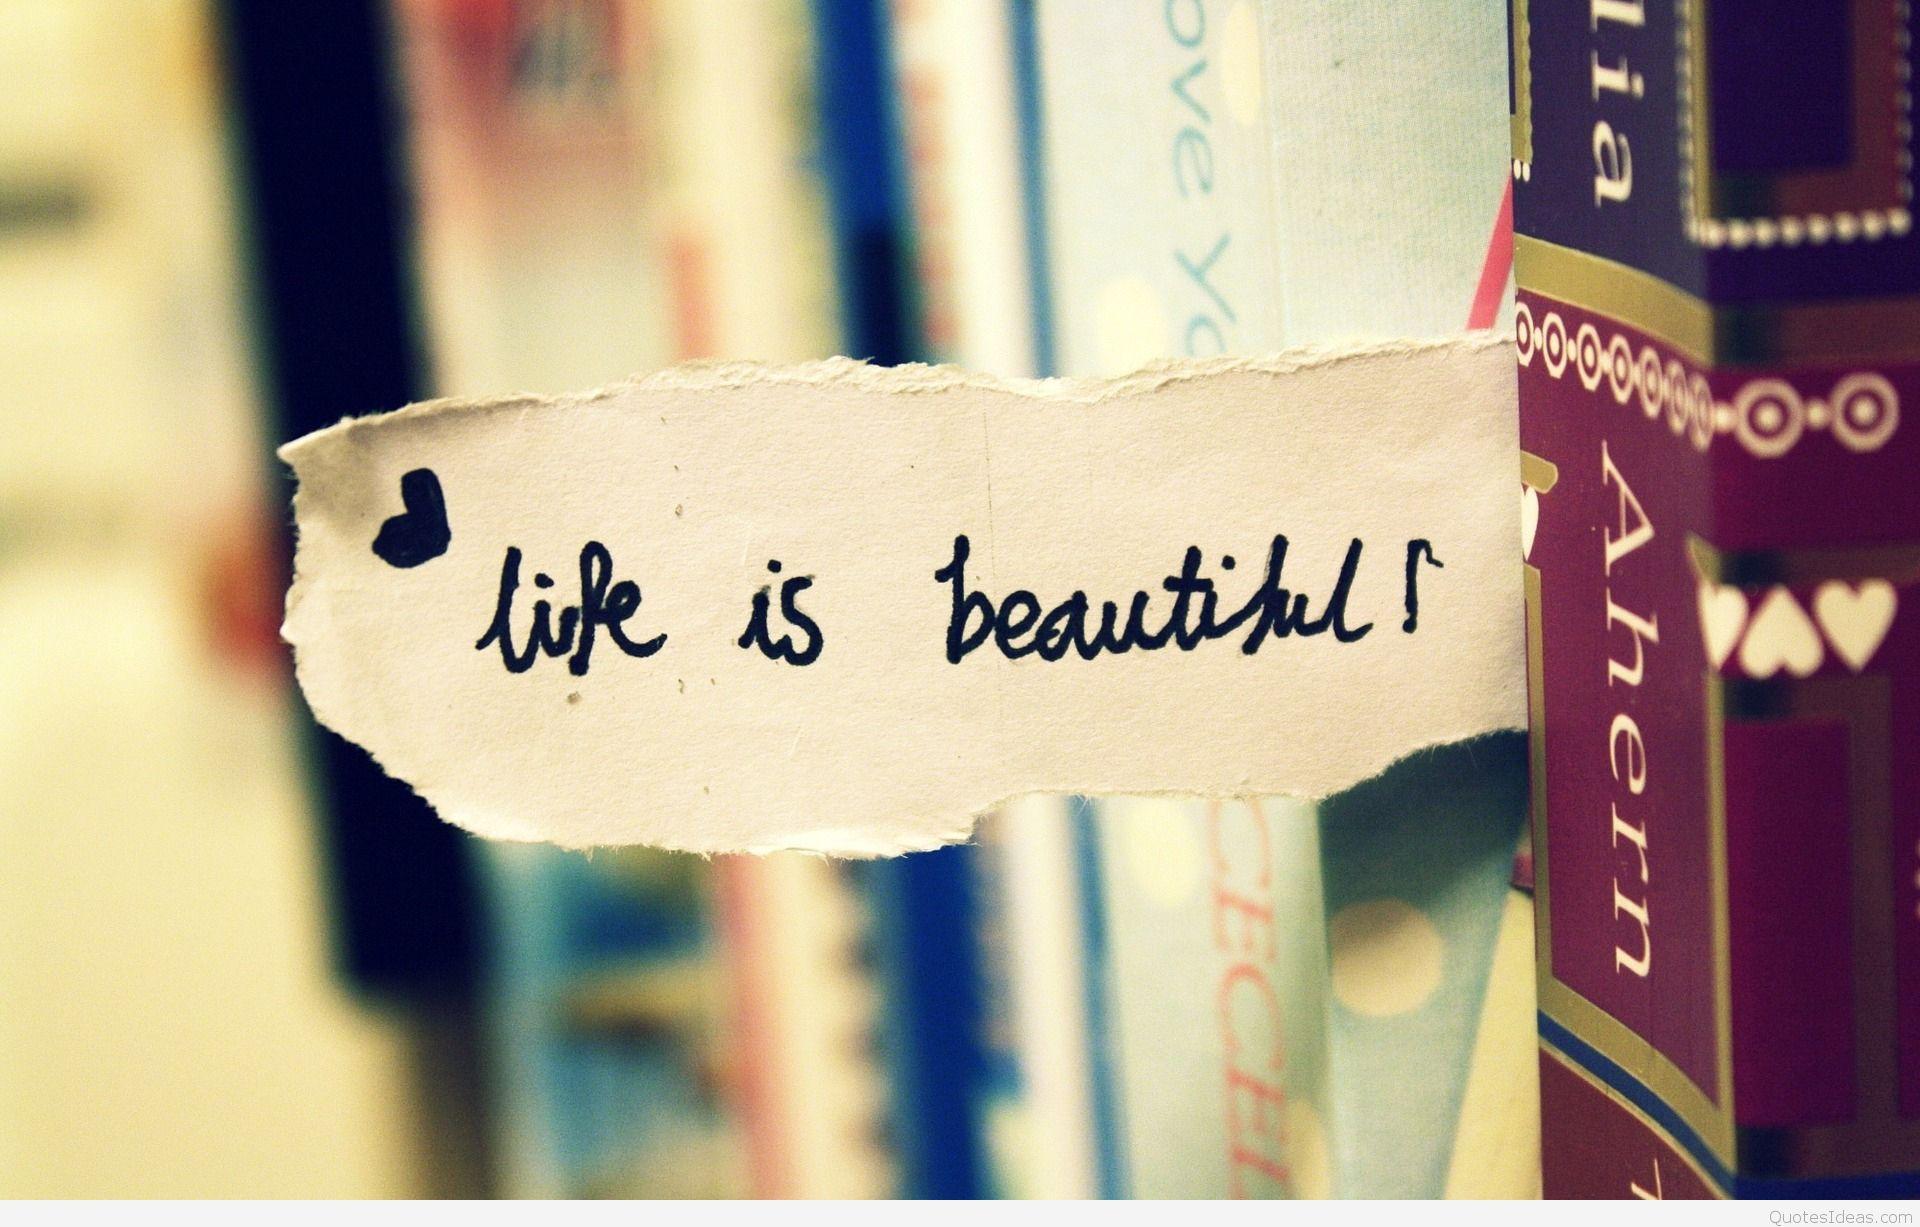 زندگی زیباست لذت ببرید